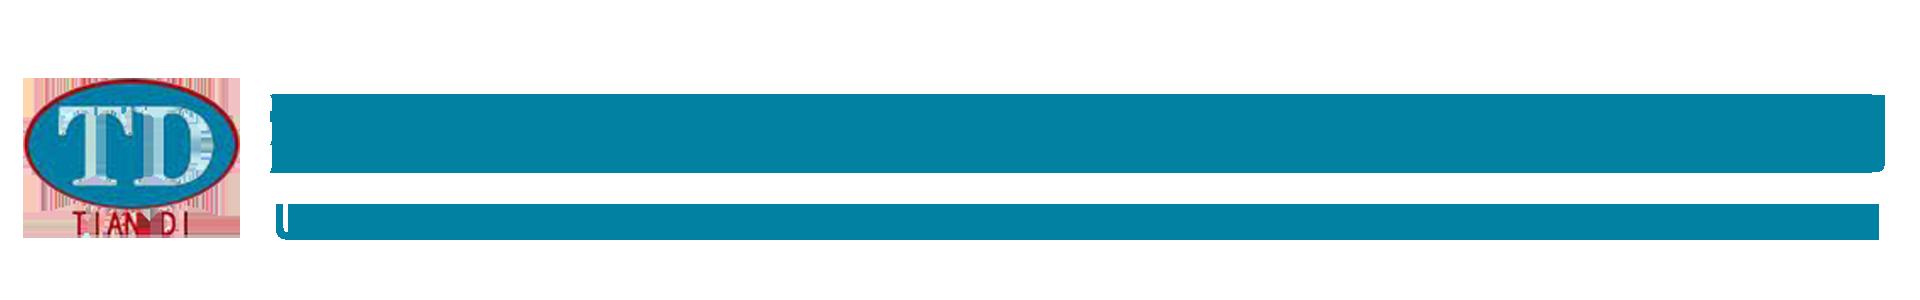 辽宁省天地防水工程有限公司分公司